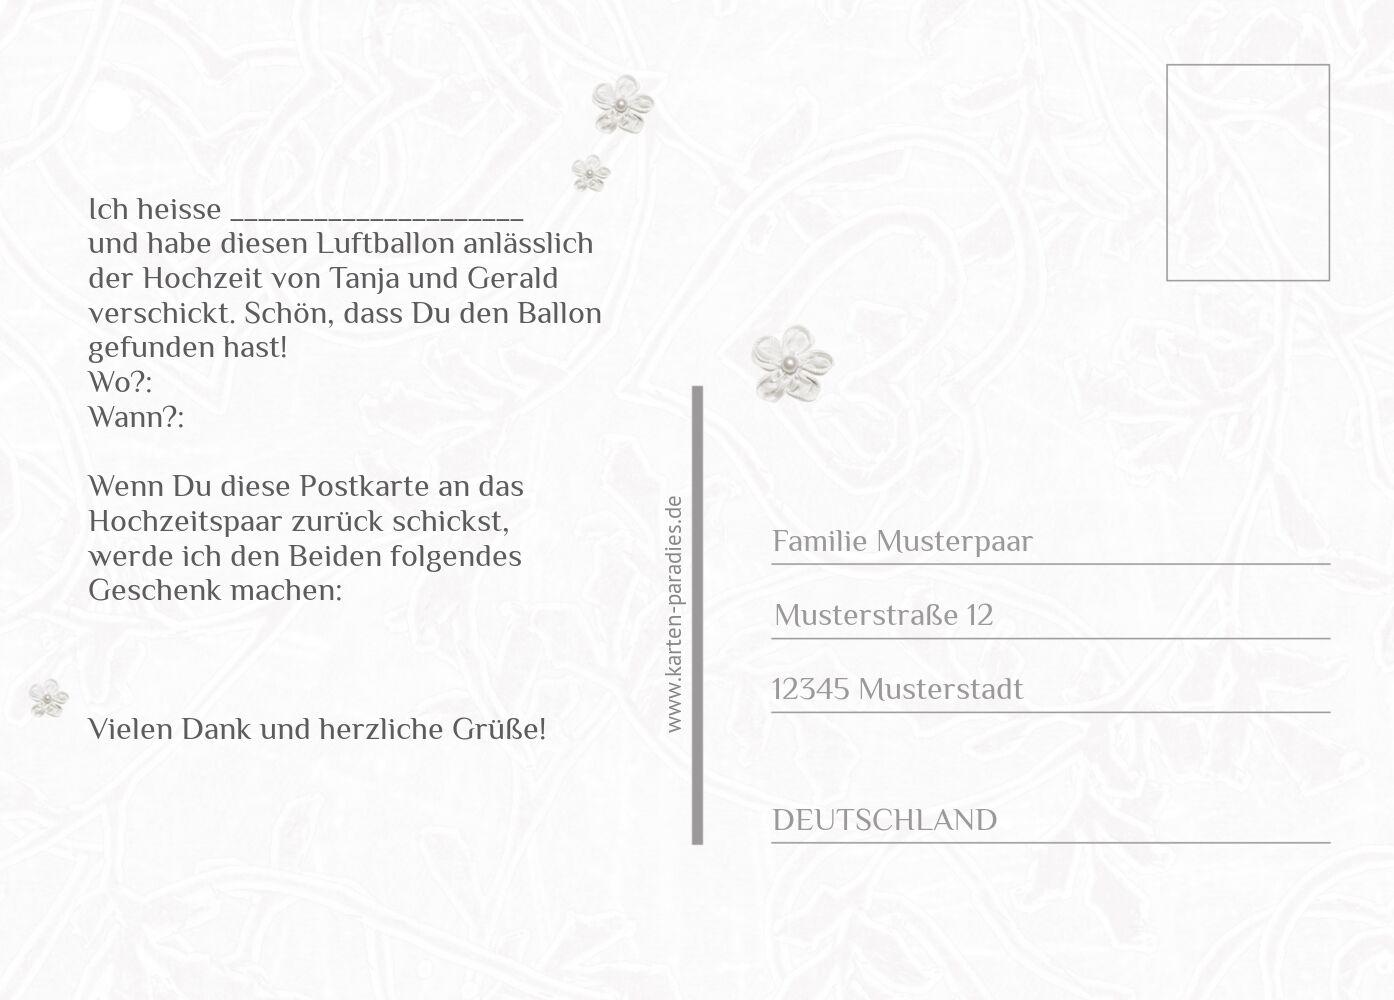 Ansicht 3 - Hochzeit Ballonkarte sanfte Blüte